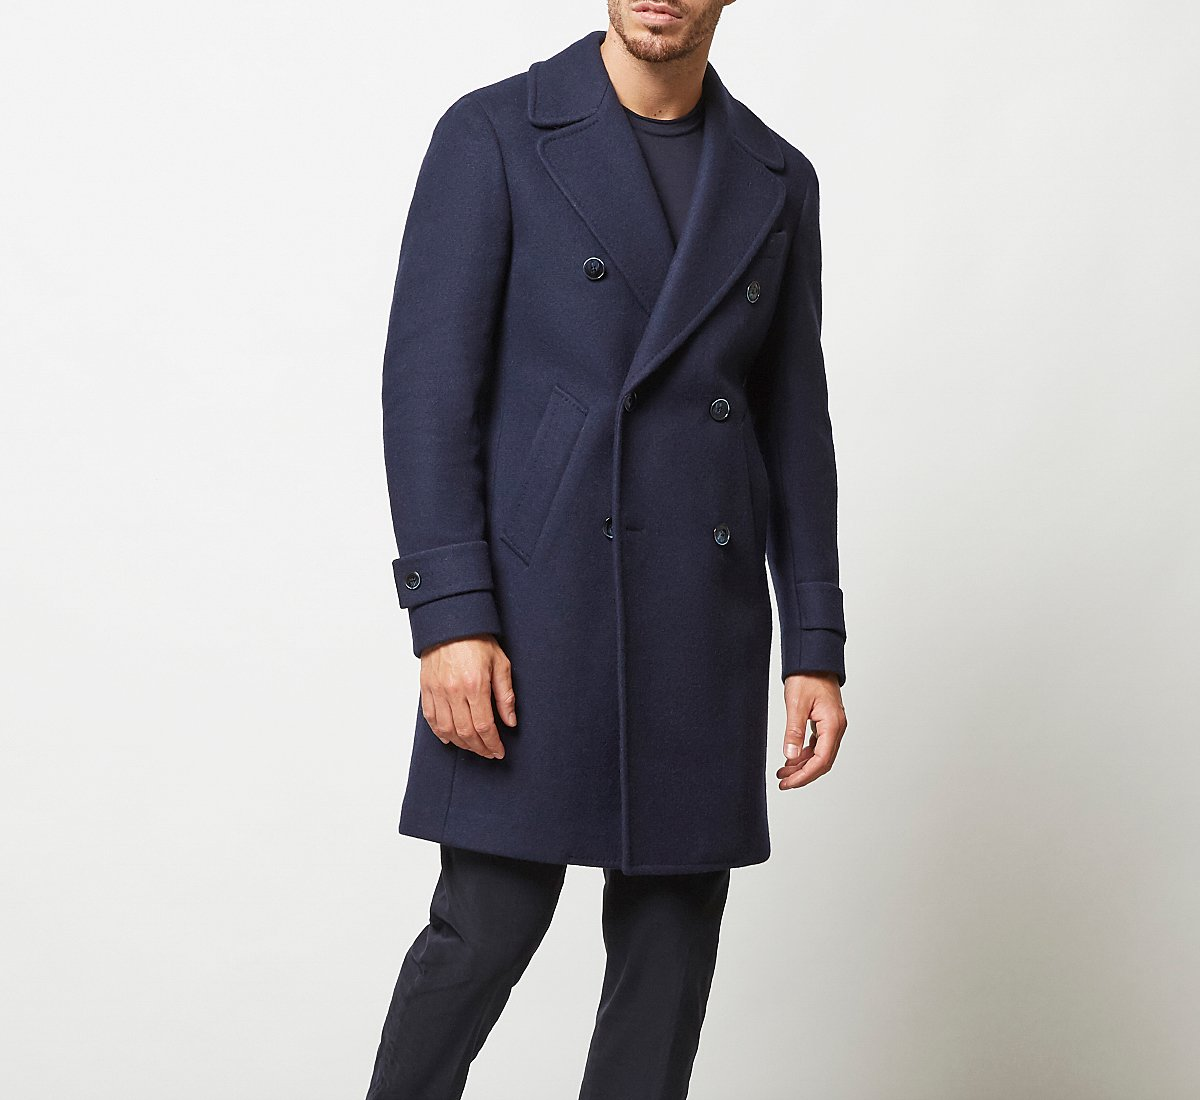 Cappotto doppio petto in lana